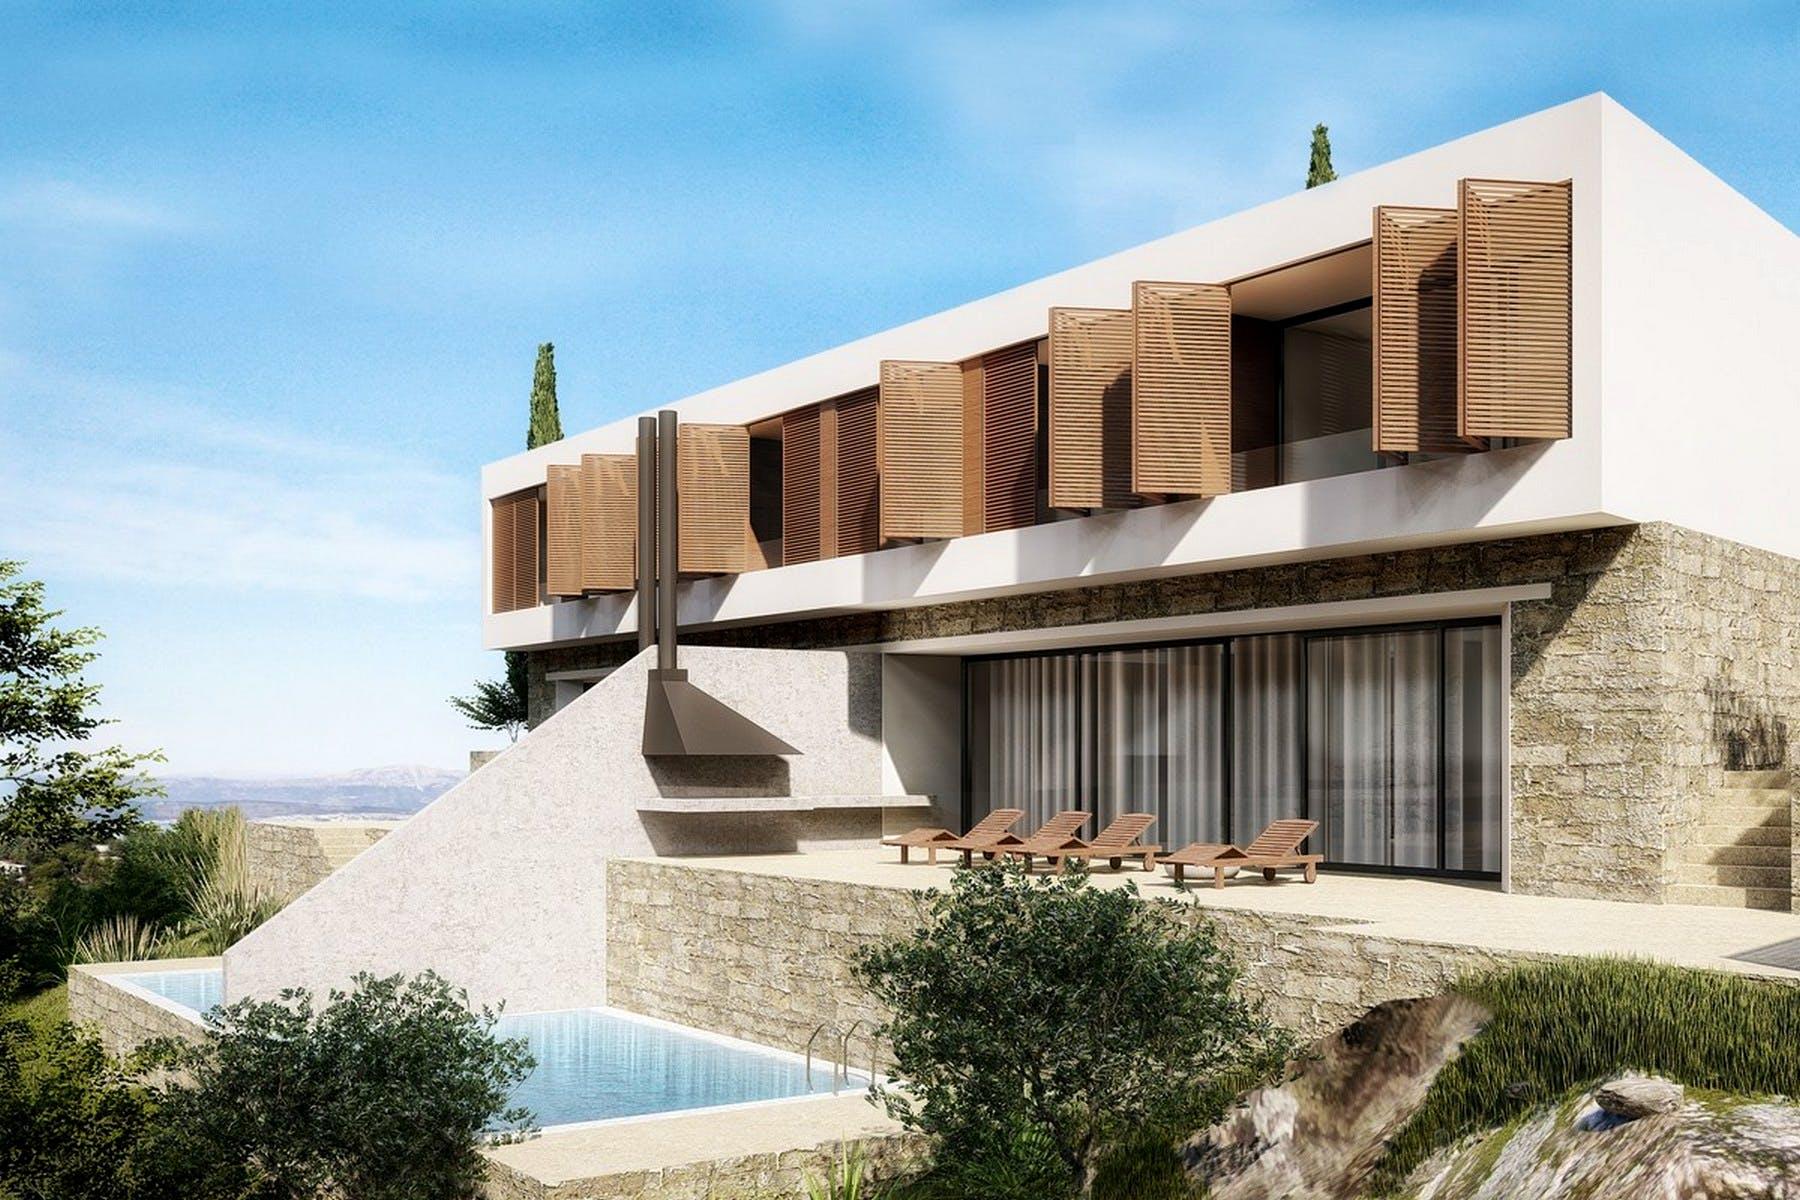 Prodaju se parcele s projektom modernih vila na Šolti